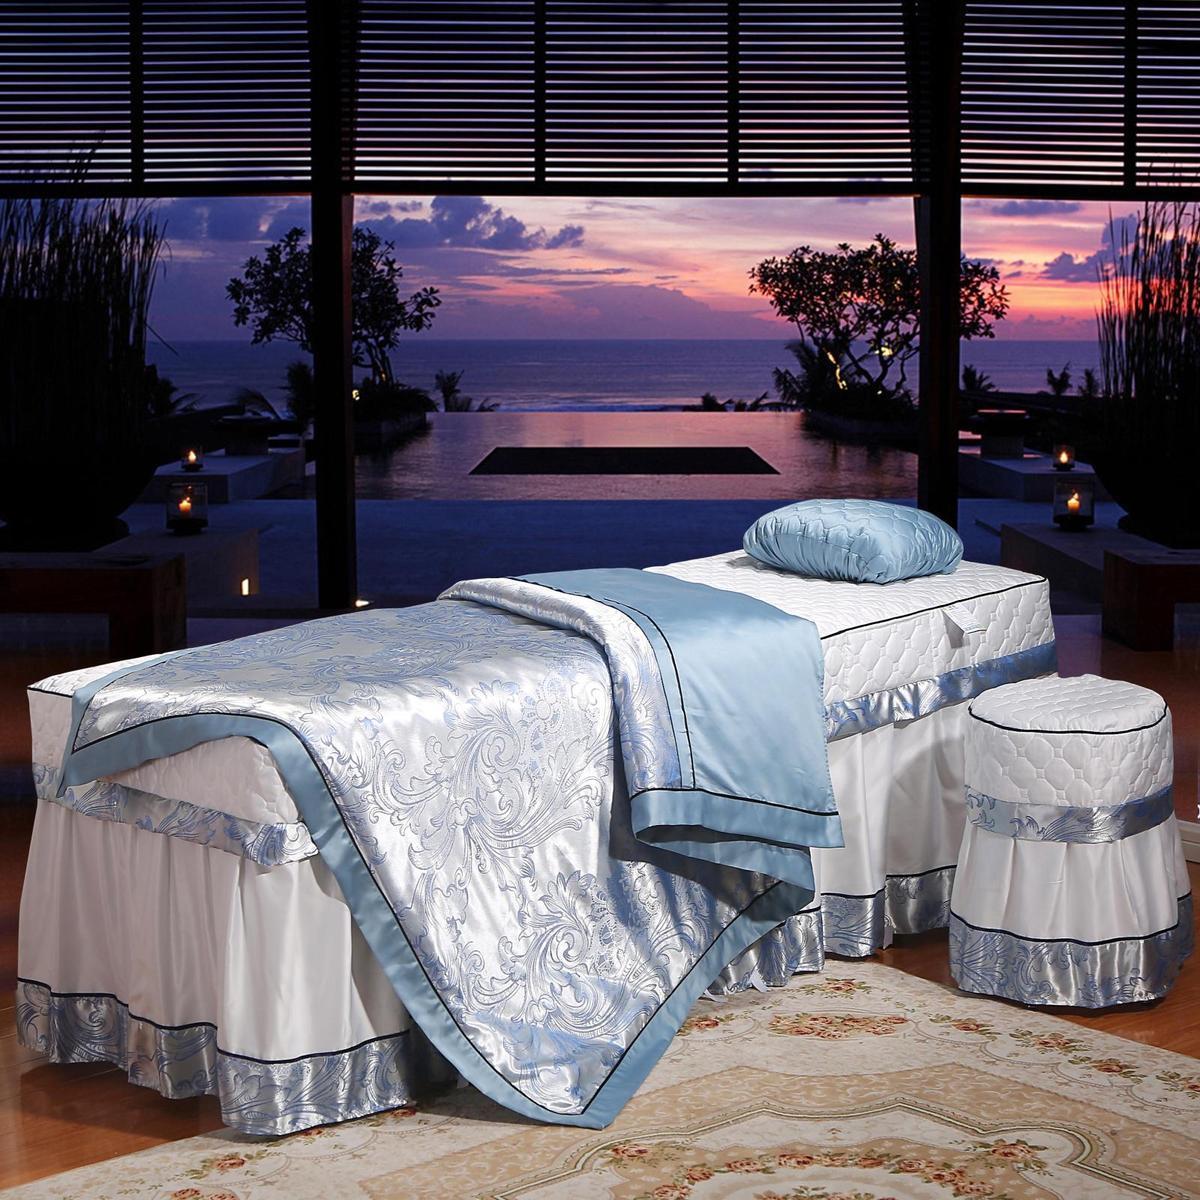 Cao cấp đặc biệt vẻ đẹp giường bao gồm bốn bộ đồng bằng tính khí đơn giản hàng loạt massage giường bao gồm bốn bộ màu trắng và màu xanh tùy chỉnh mới